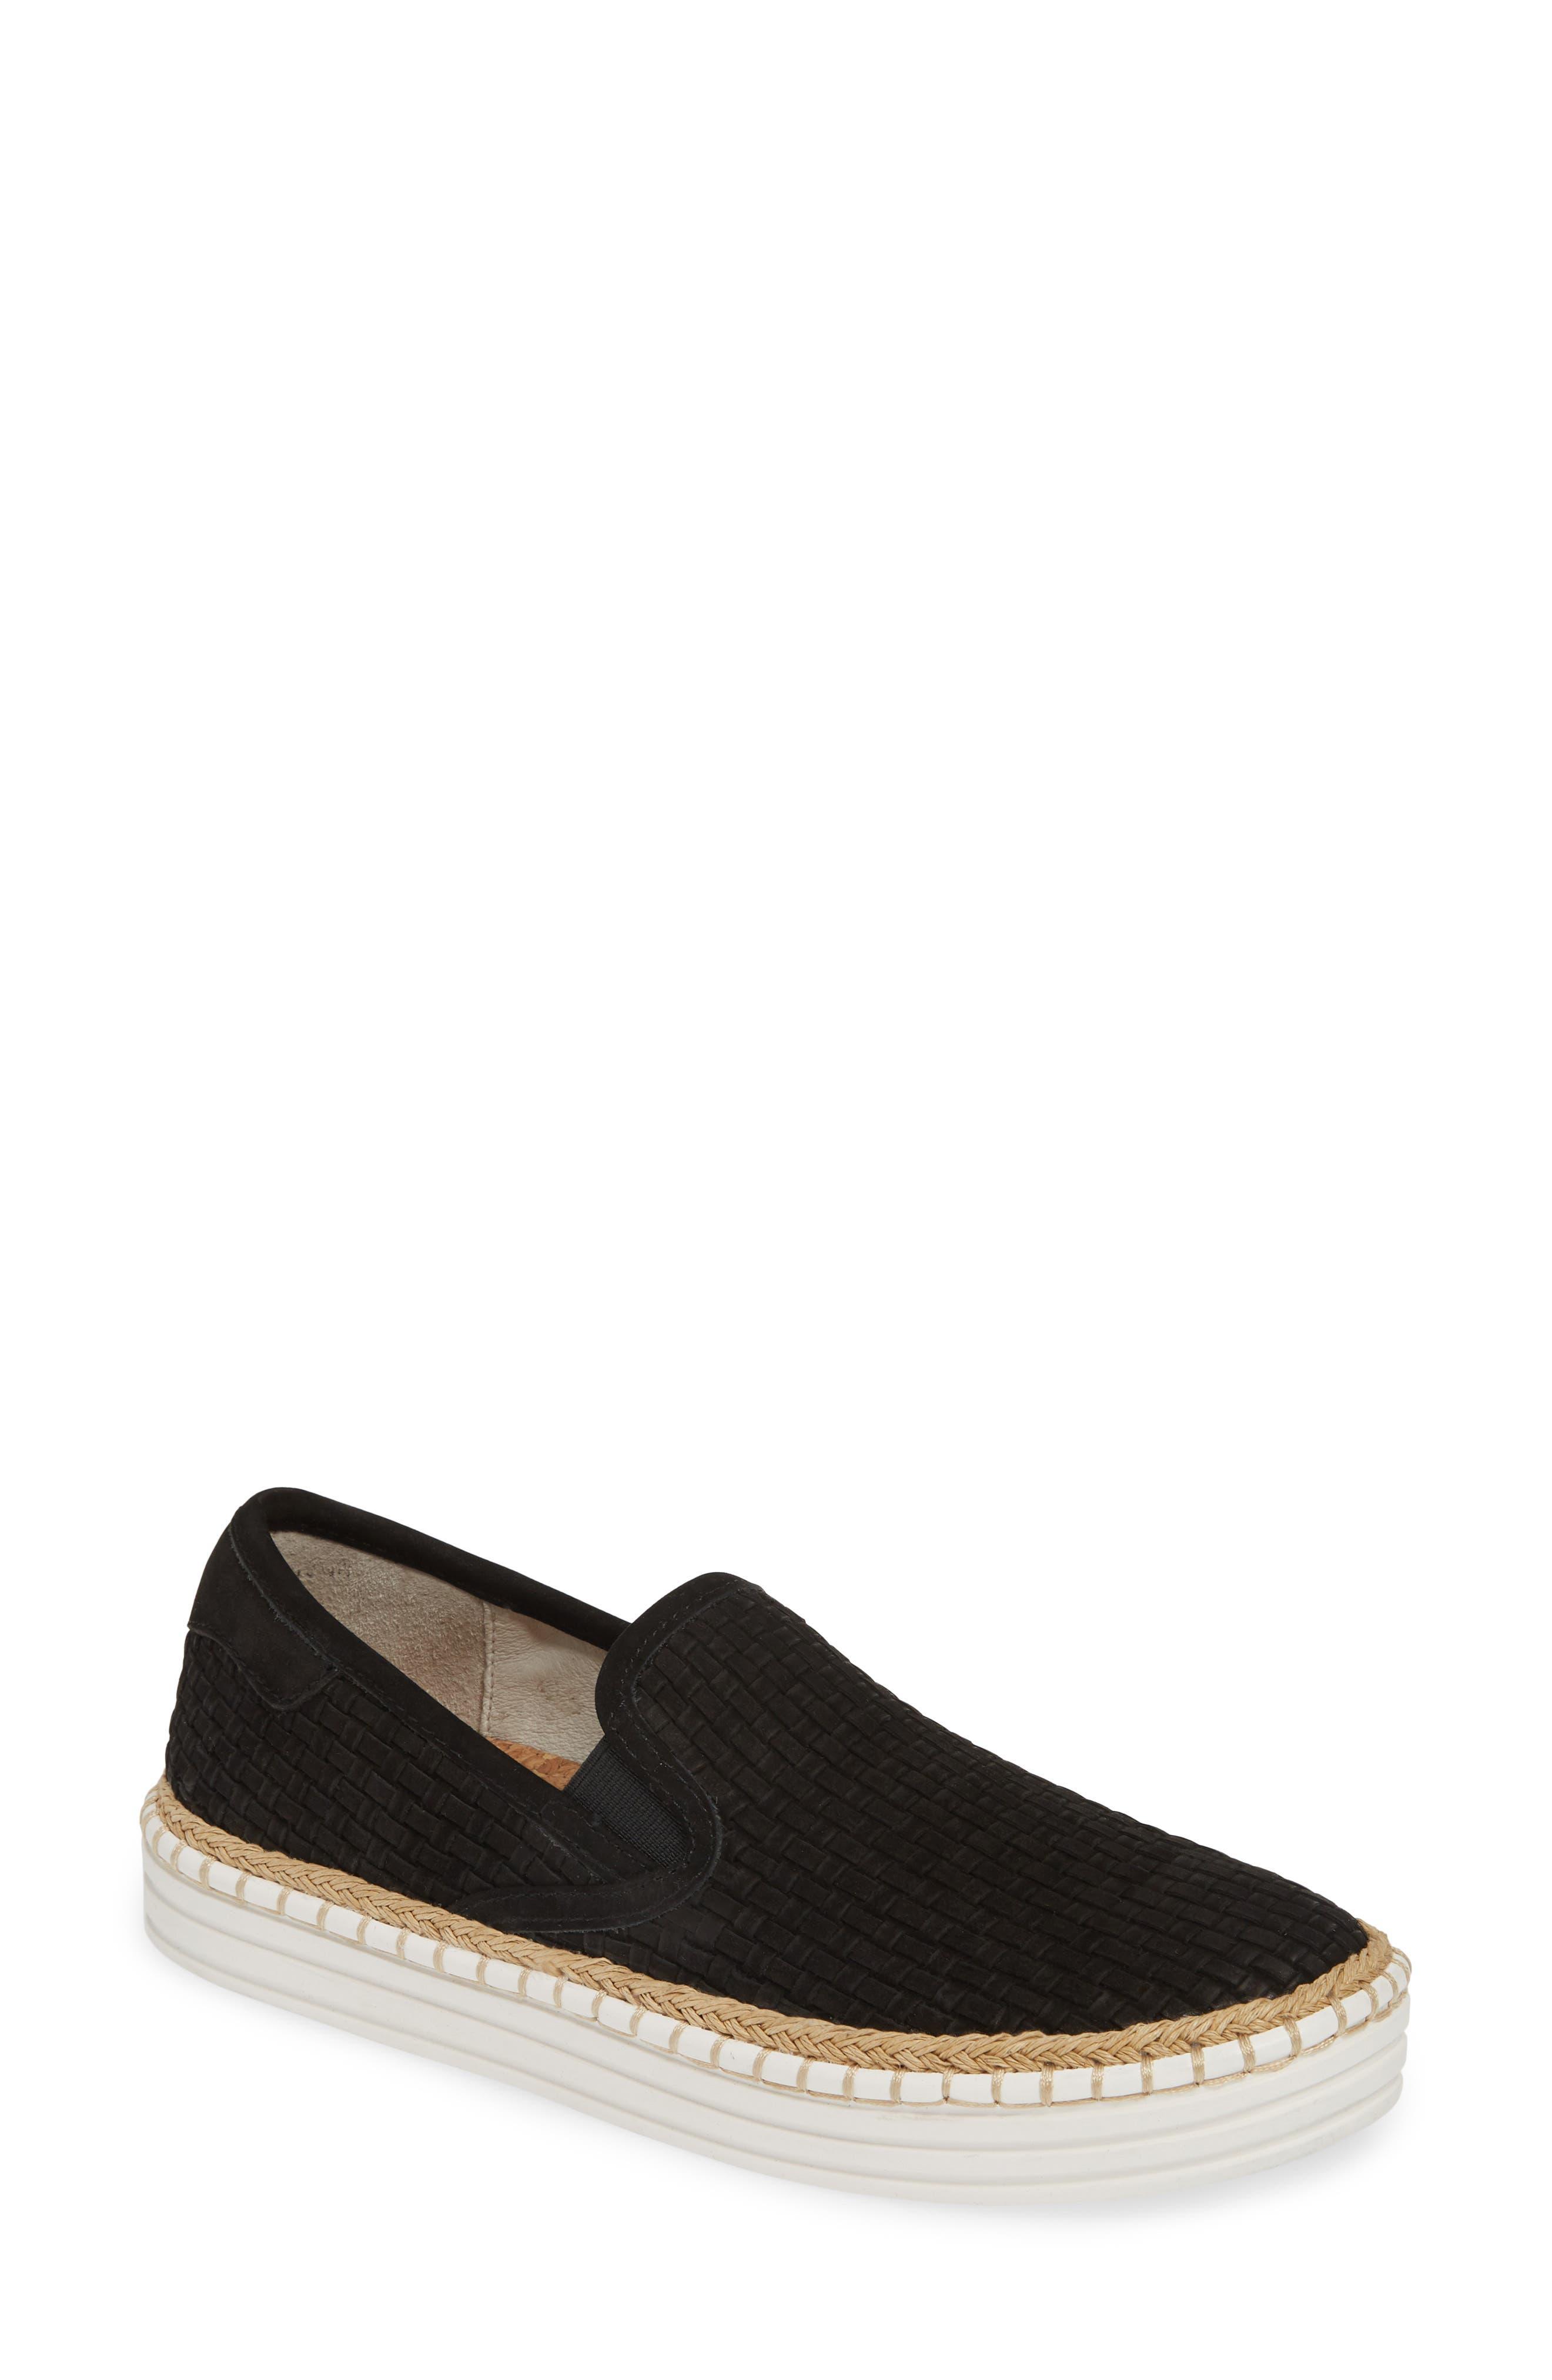 Jslides Kelly Woven Slip-On Sneaker- Black